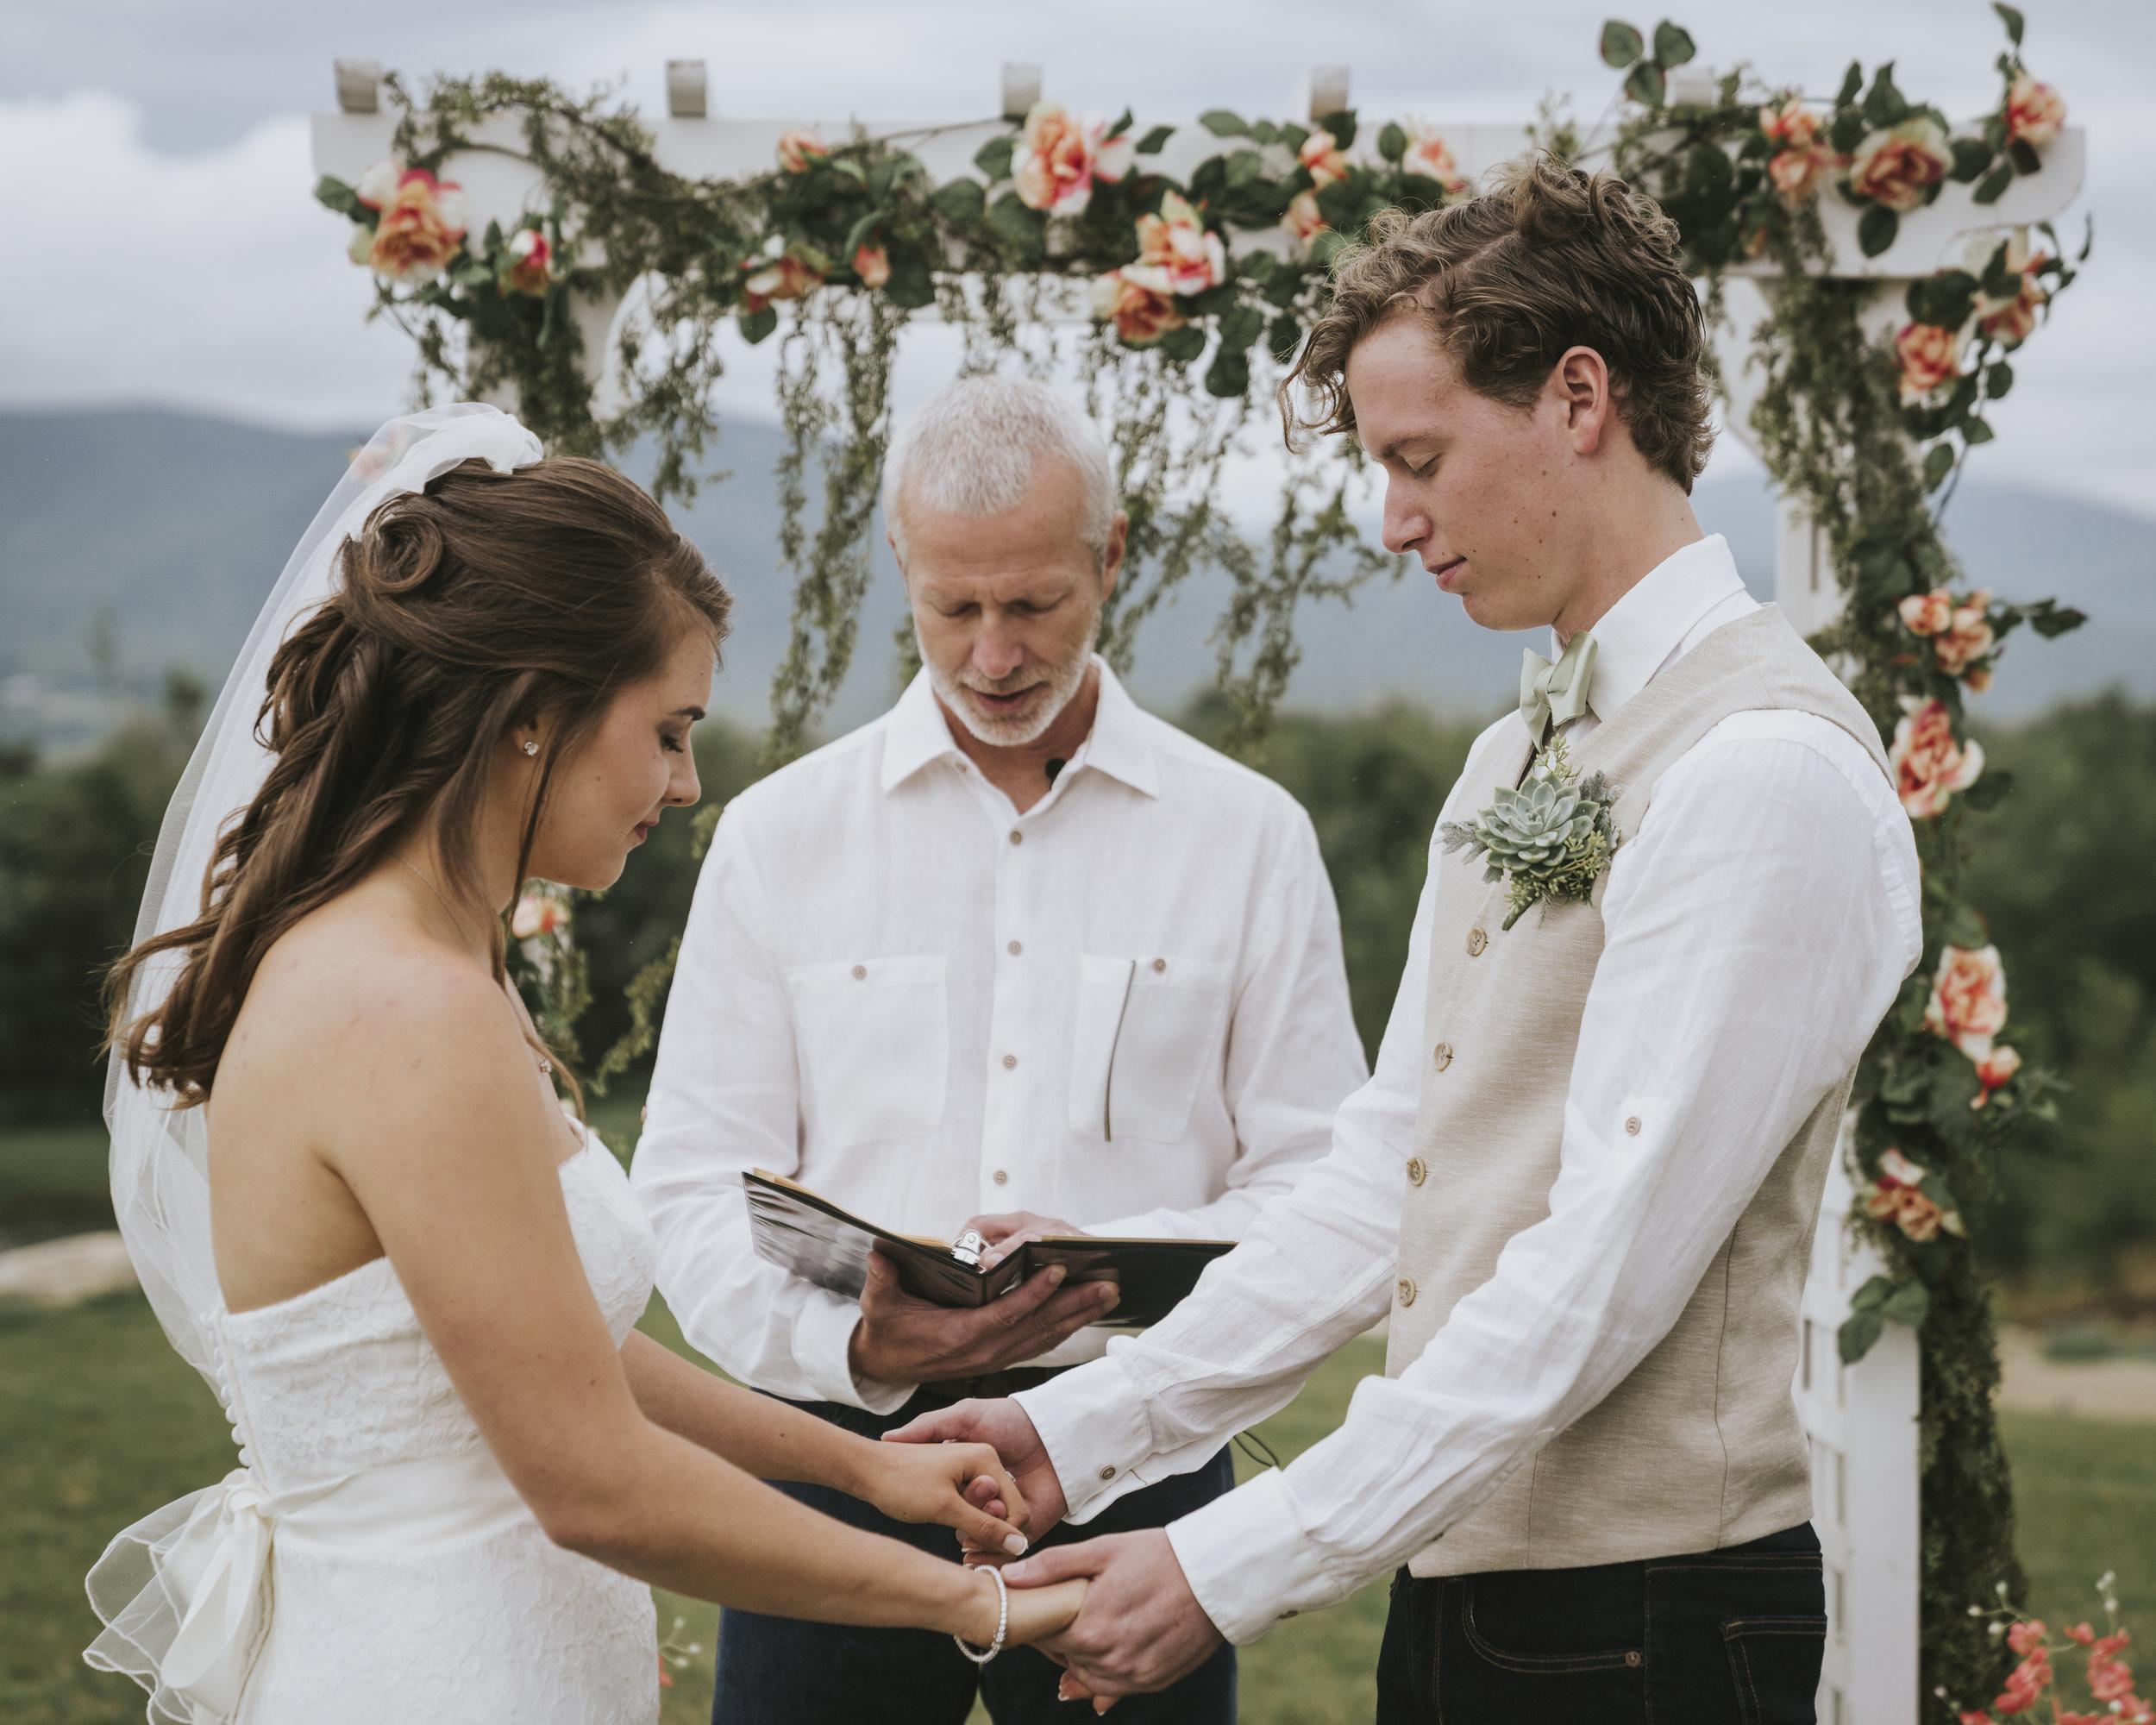 Wedding2017_Abbey_&Lucas_JPEGs (74 of 299).jpg